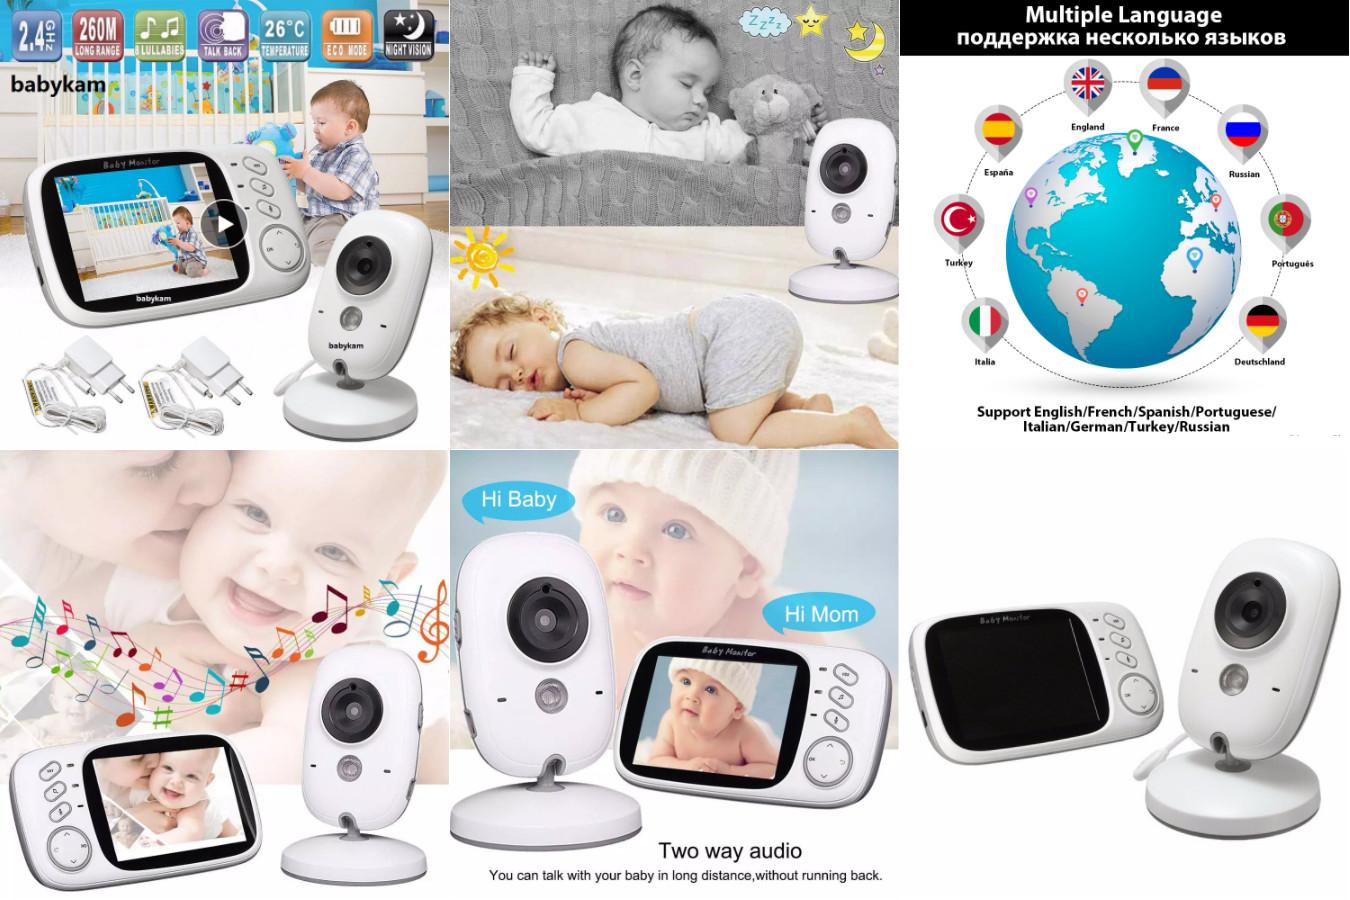 Многофункциональное устройство — Babykam VB603